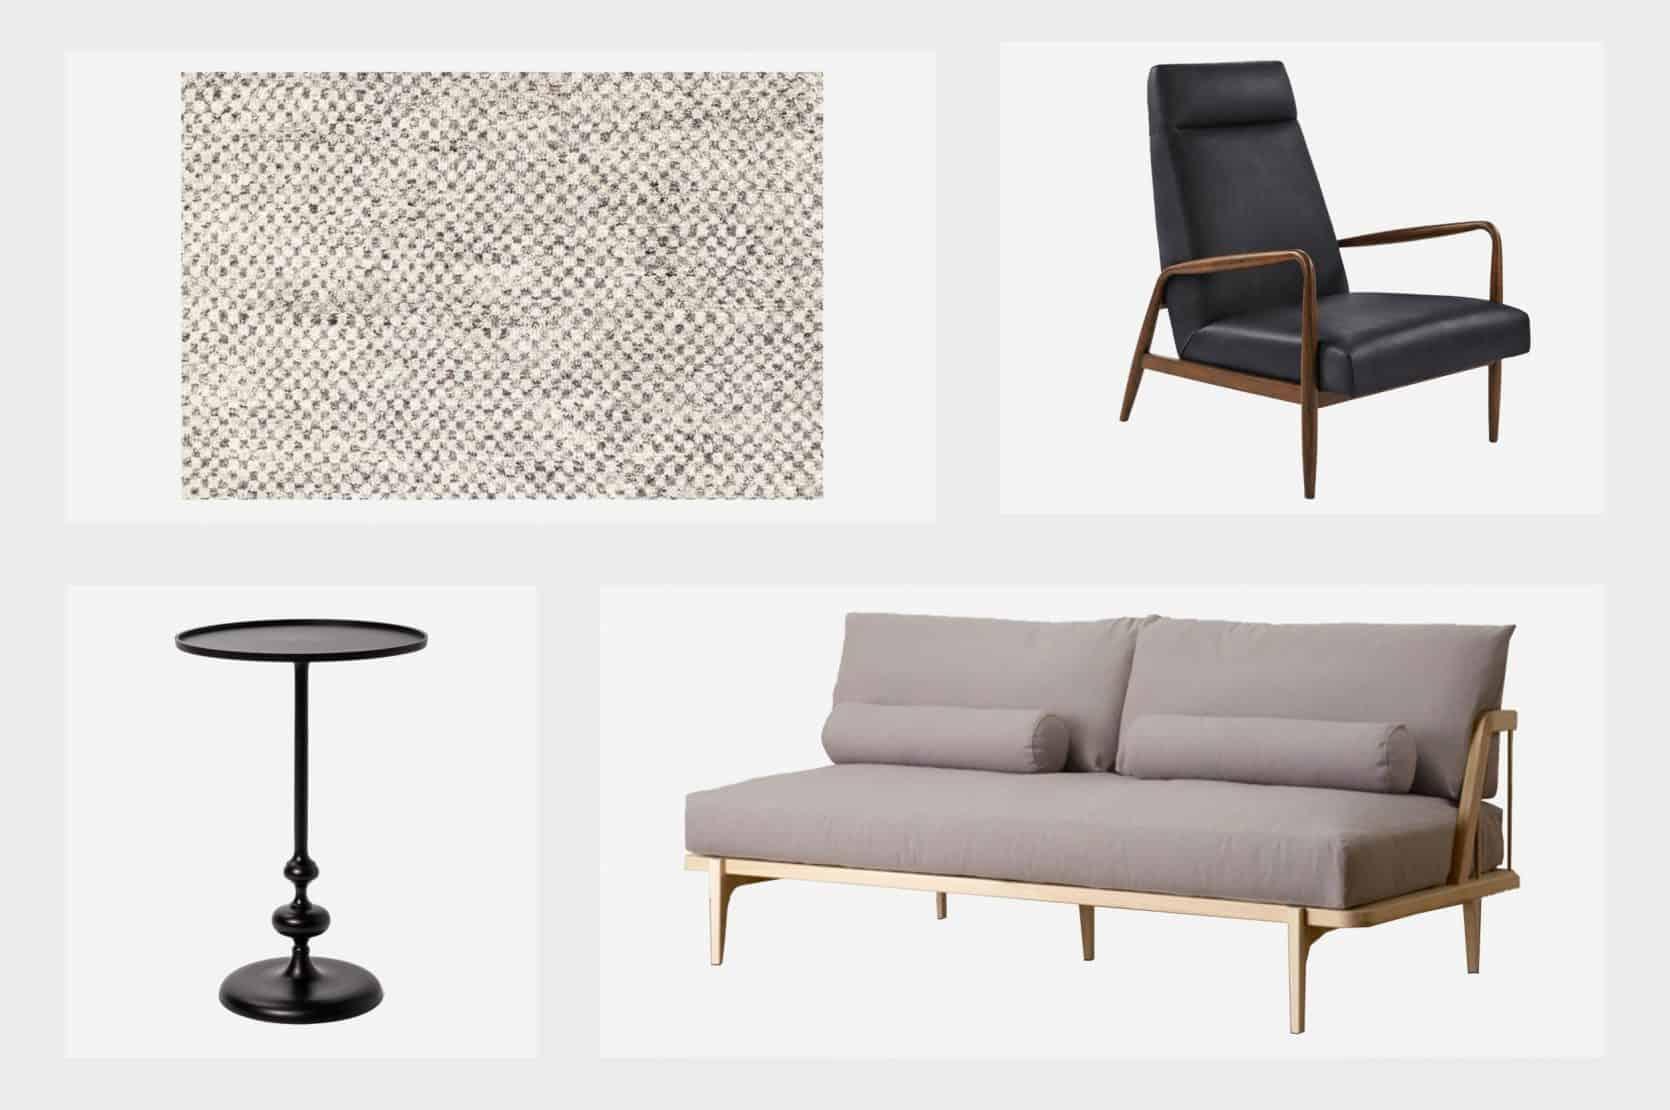 Emily Henderson Mountain Fixer Furniture I Already Had Roundup 03